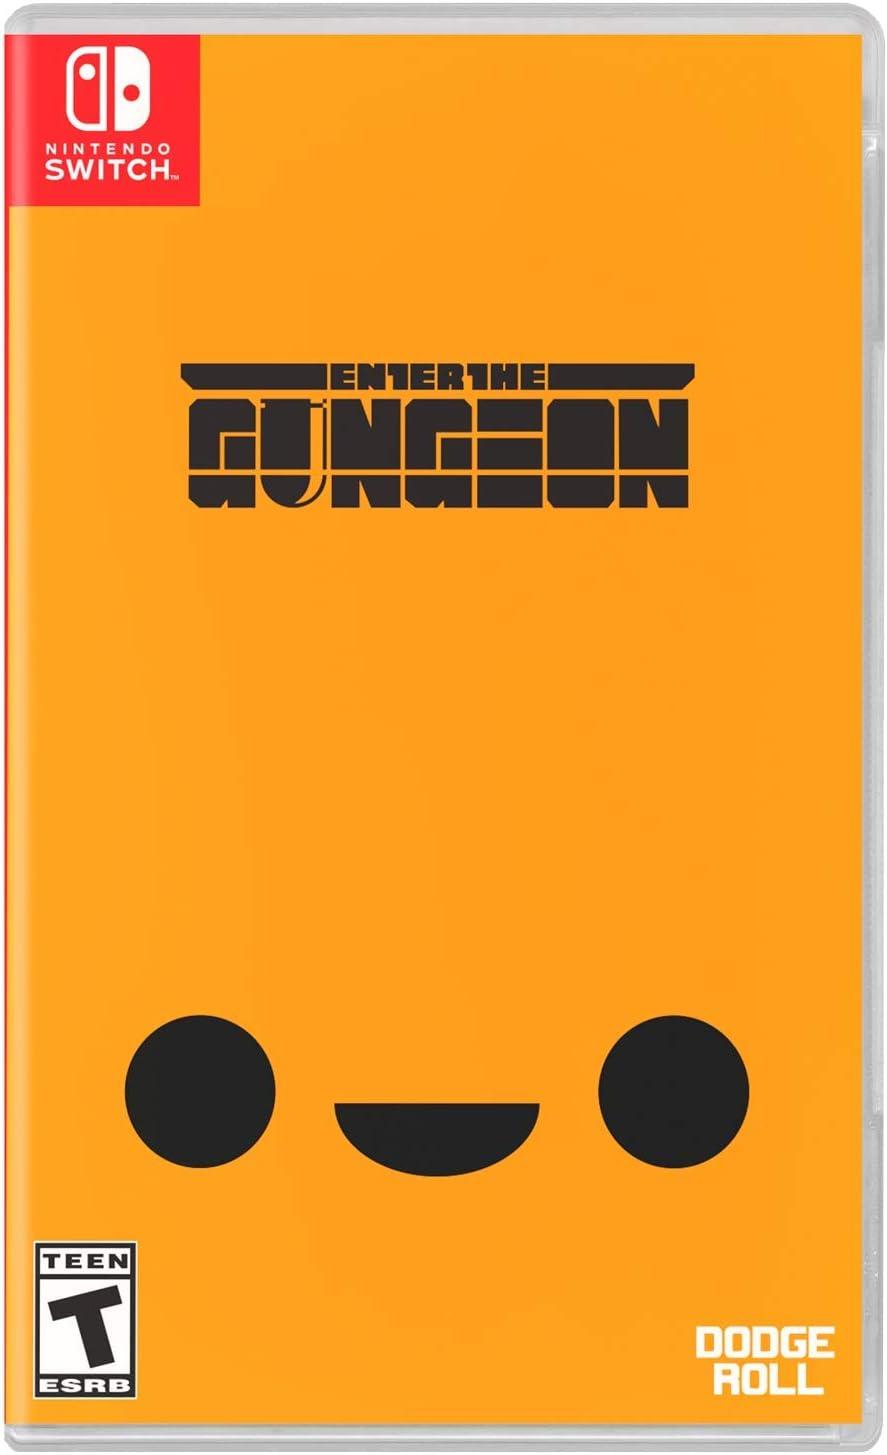 Amazon com: Enter The Gungeon: Deluxe Edition - Nintendo